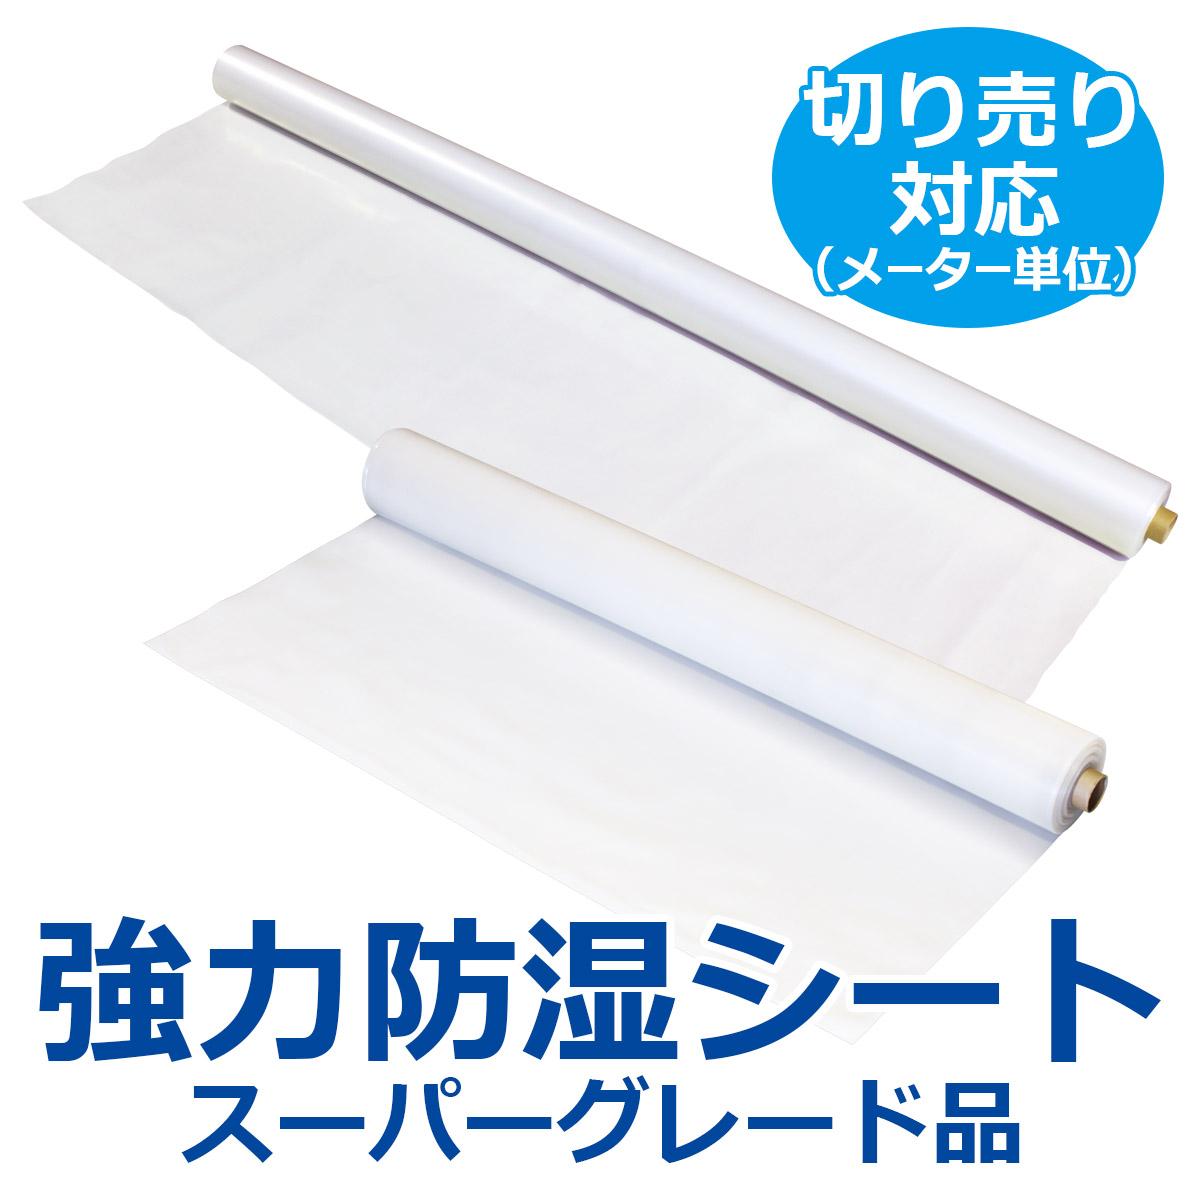 強力防湿シート スーパーグレード品 切り売り対応(メーター単位)